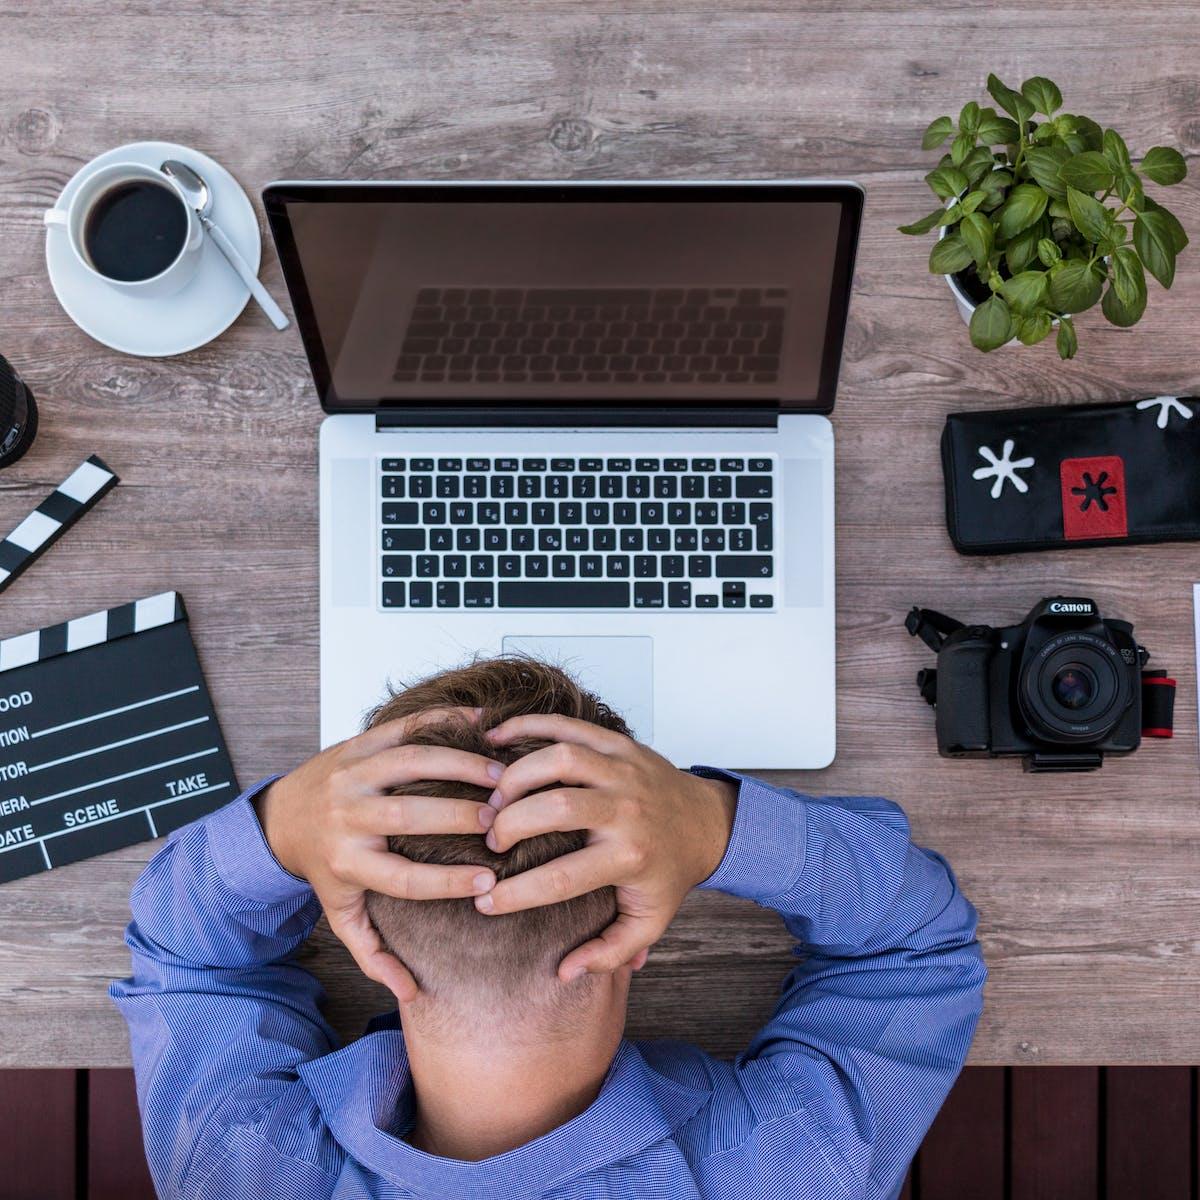 Titelbild-KPI-KPIs-Überblick-nicht-verlieren-Verzweiflung-Büro-Schreibtisch-pixabay-2838945-lukasbieri